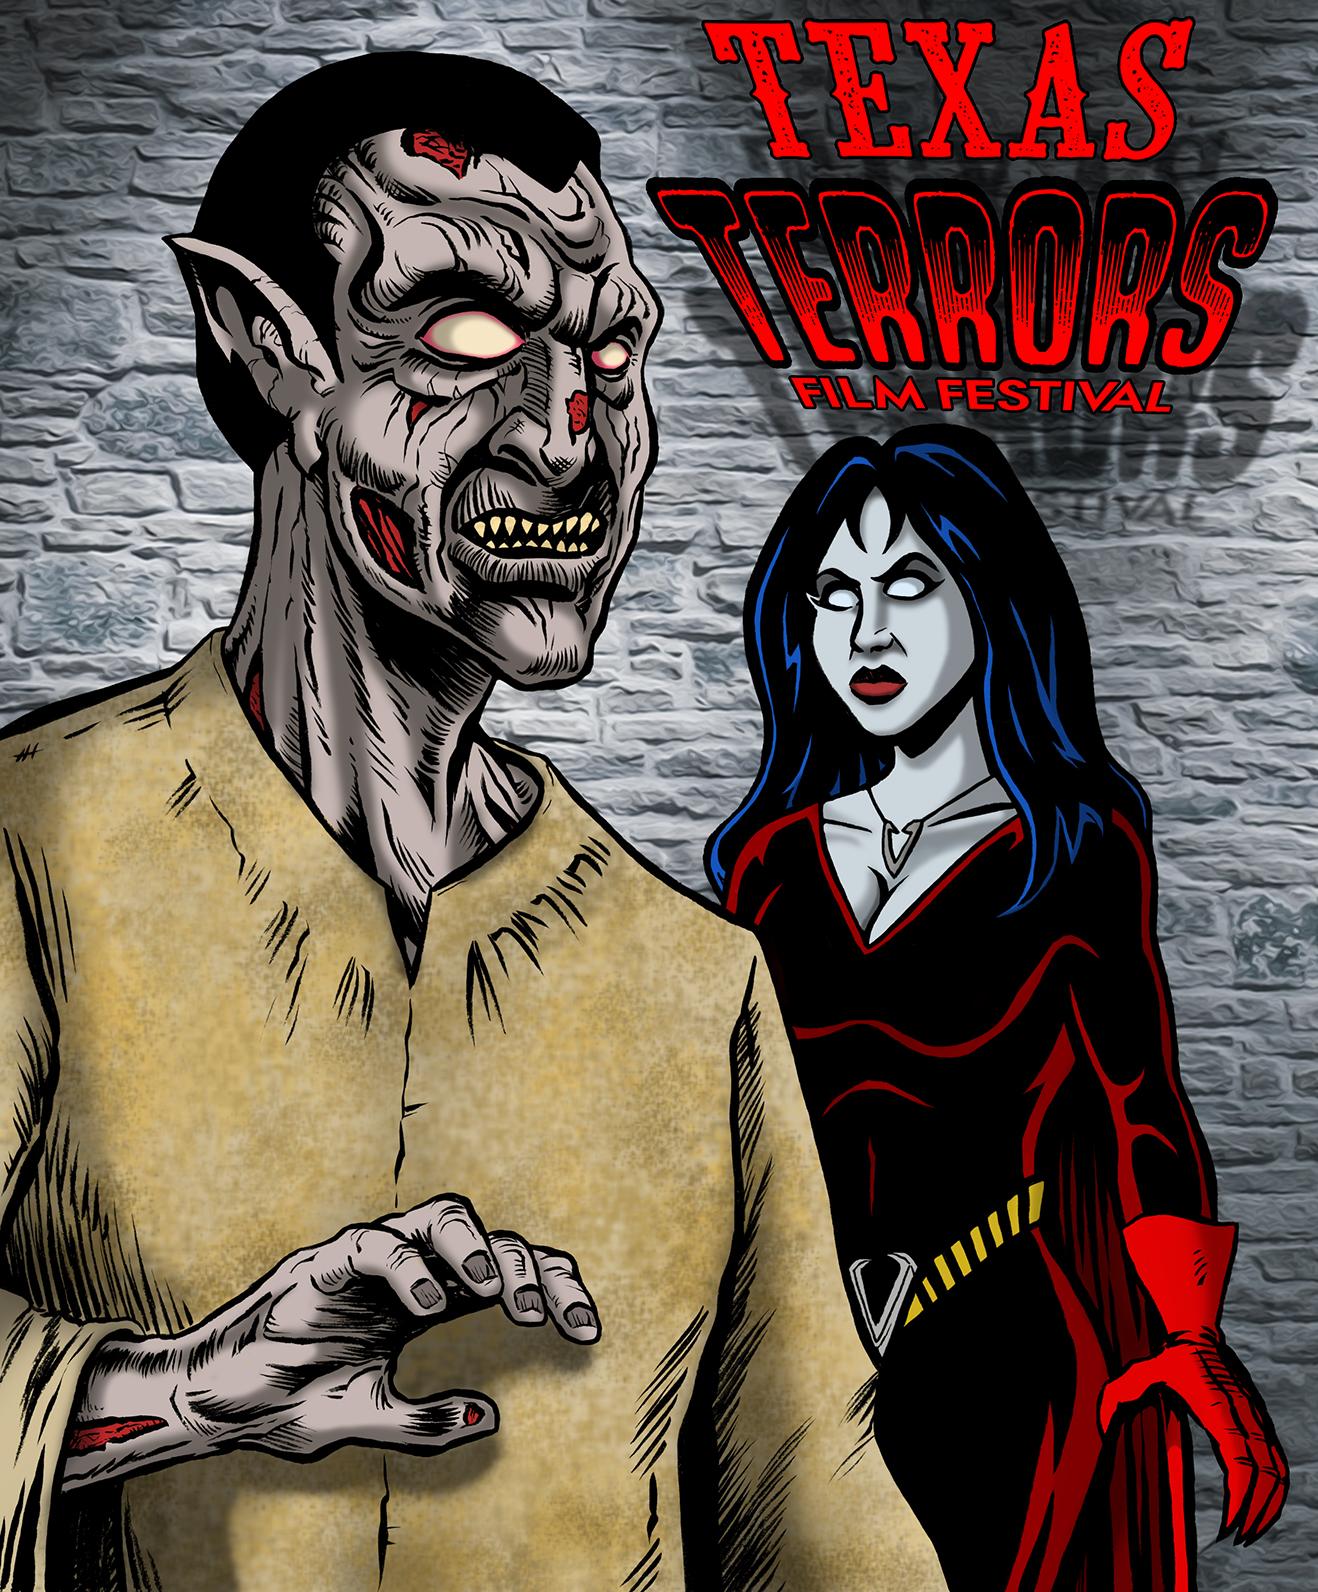 Vampires_Zombie_3_small